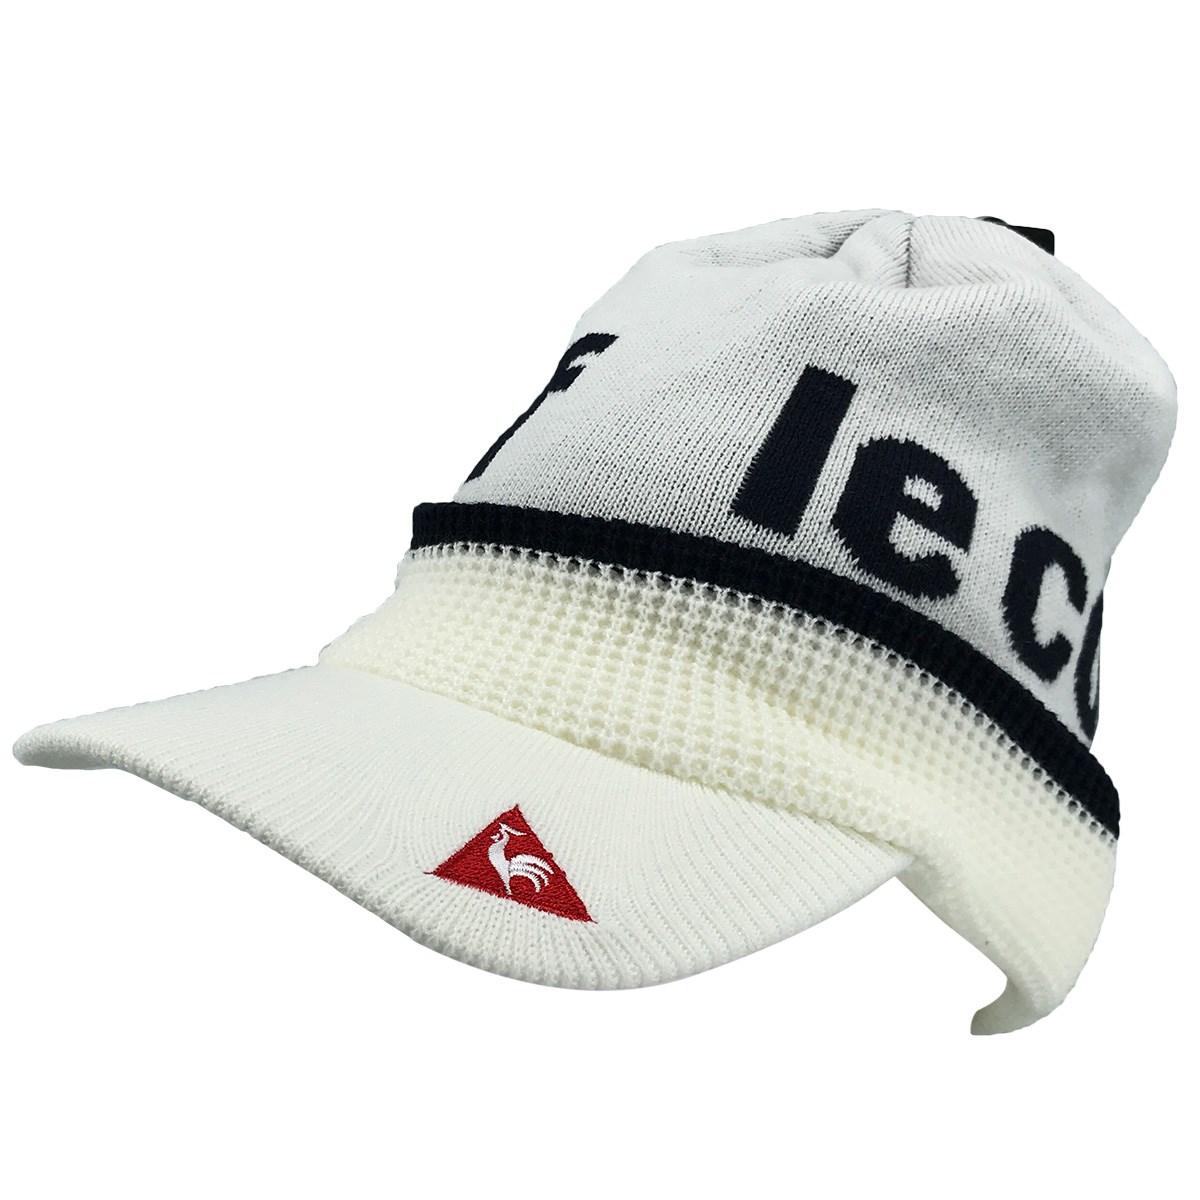 ルコックゴルフ Le coq sportif GOLF ツバ付きニットキャップ フリー ホワイト 00